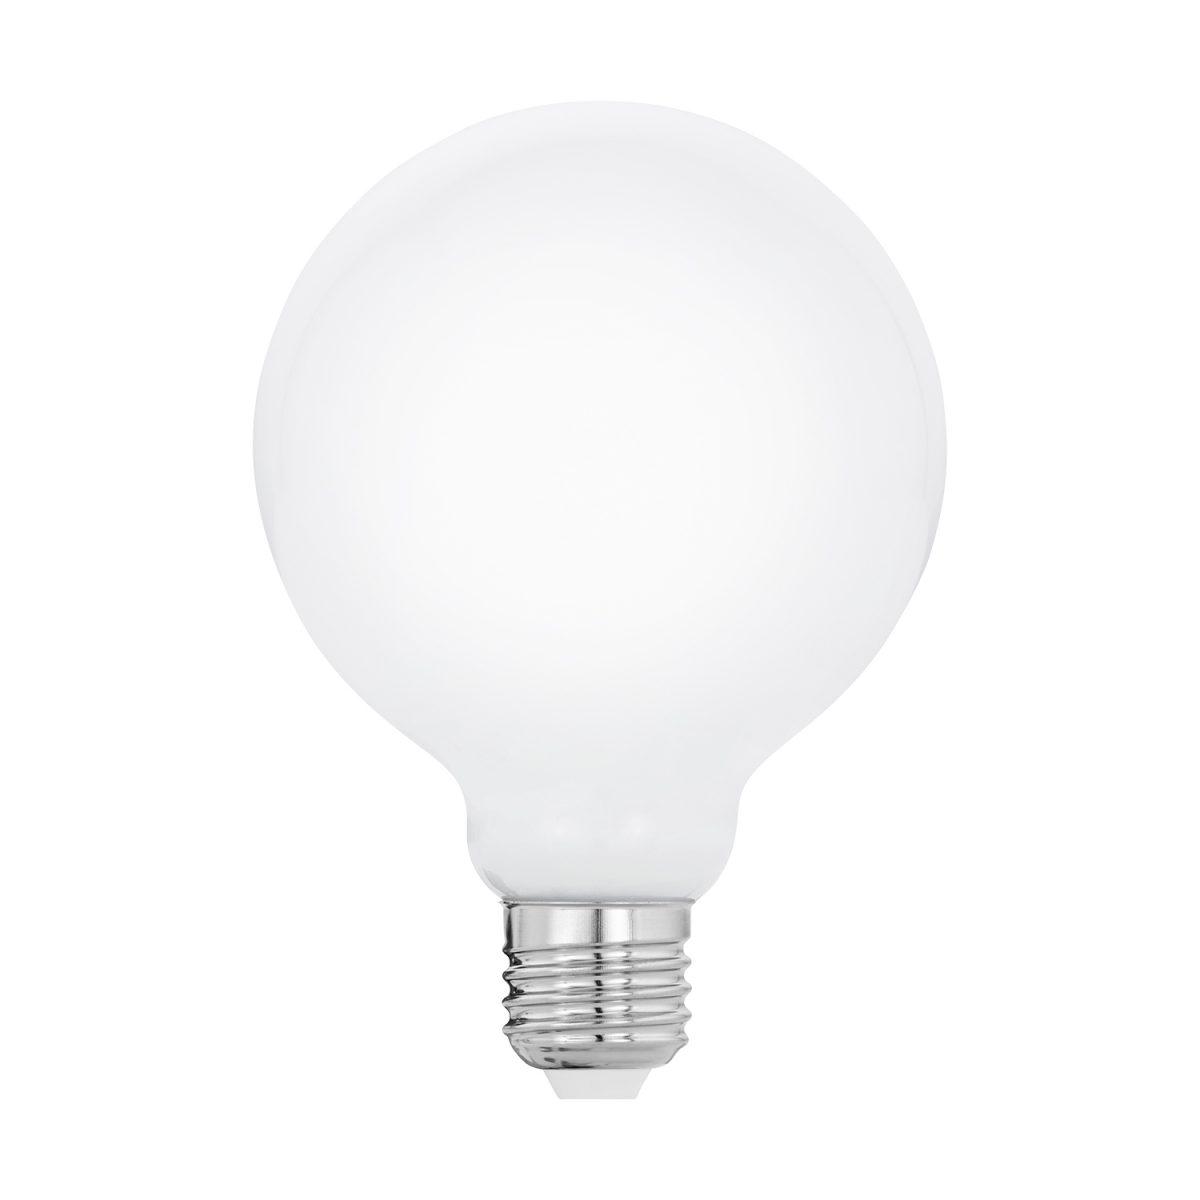 Лампа полупроводниковая LED EGLO 11601 - Фото №28